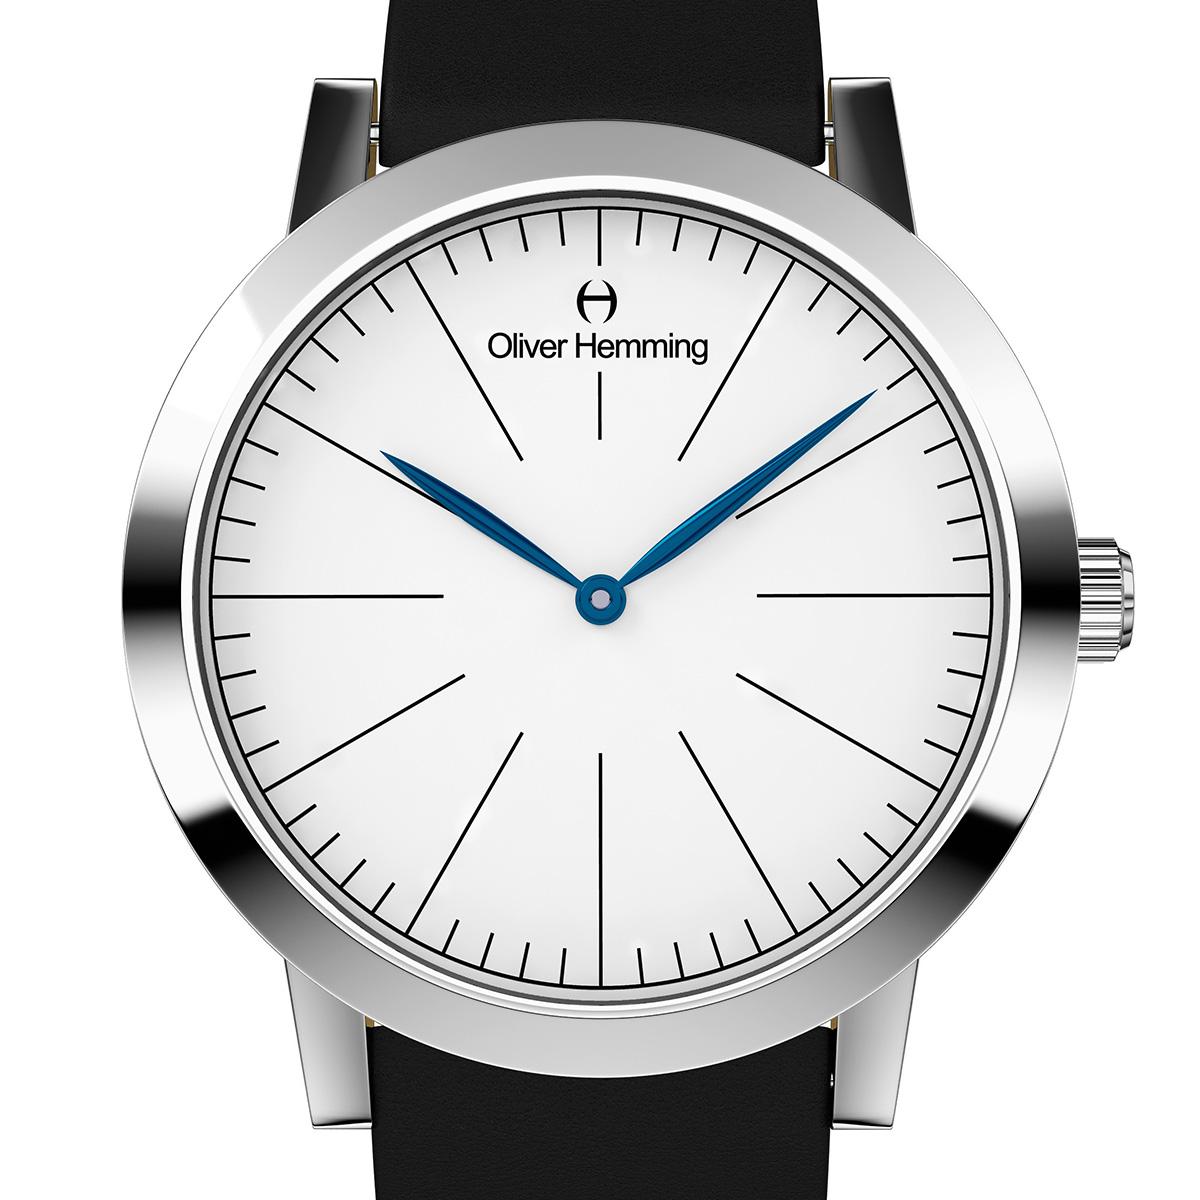 【残り1点】Oliver Hemming オリバーヘミング クォーツ 腕時計 イギリス アート デザイン [WT18S76WBL] 正規代理店品 純正ケース メーカー保証